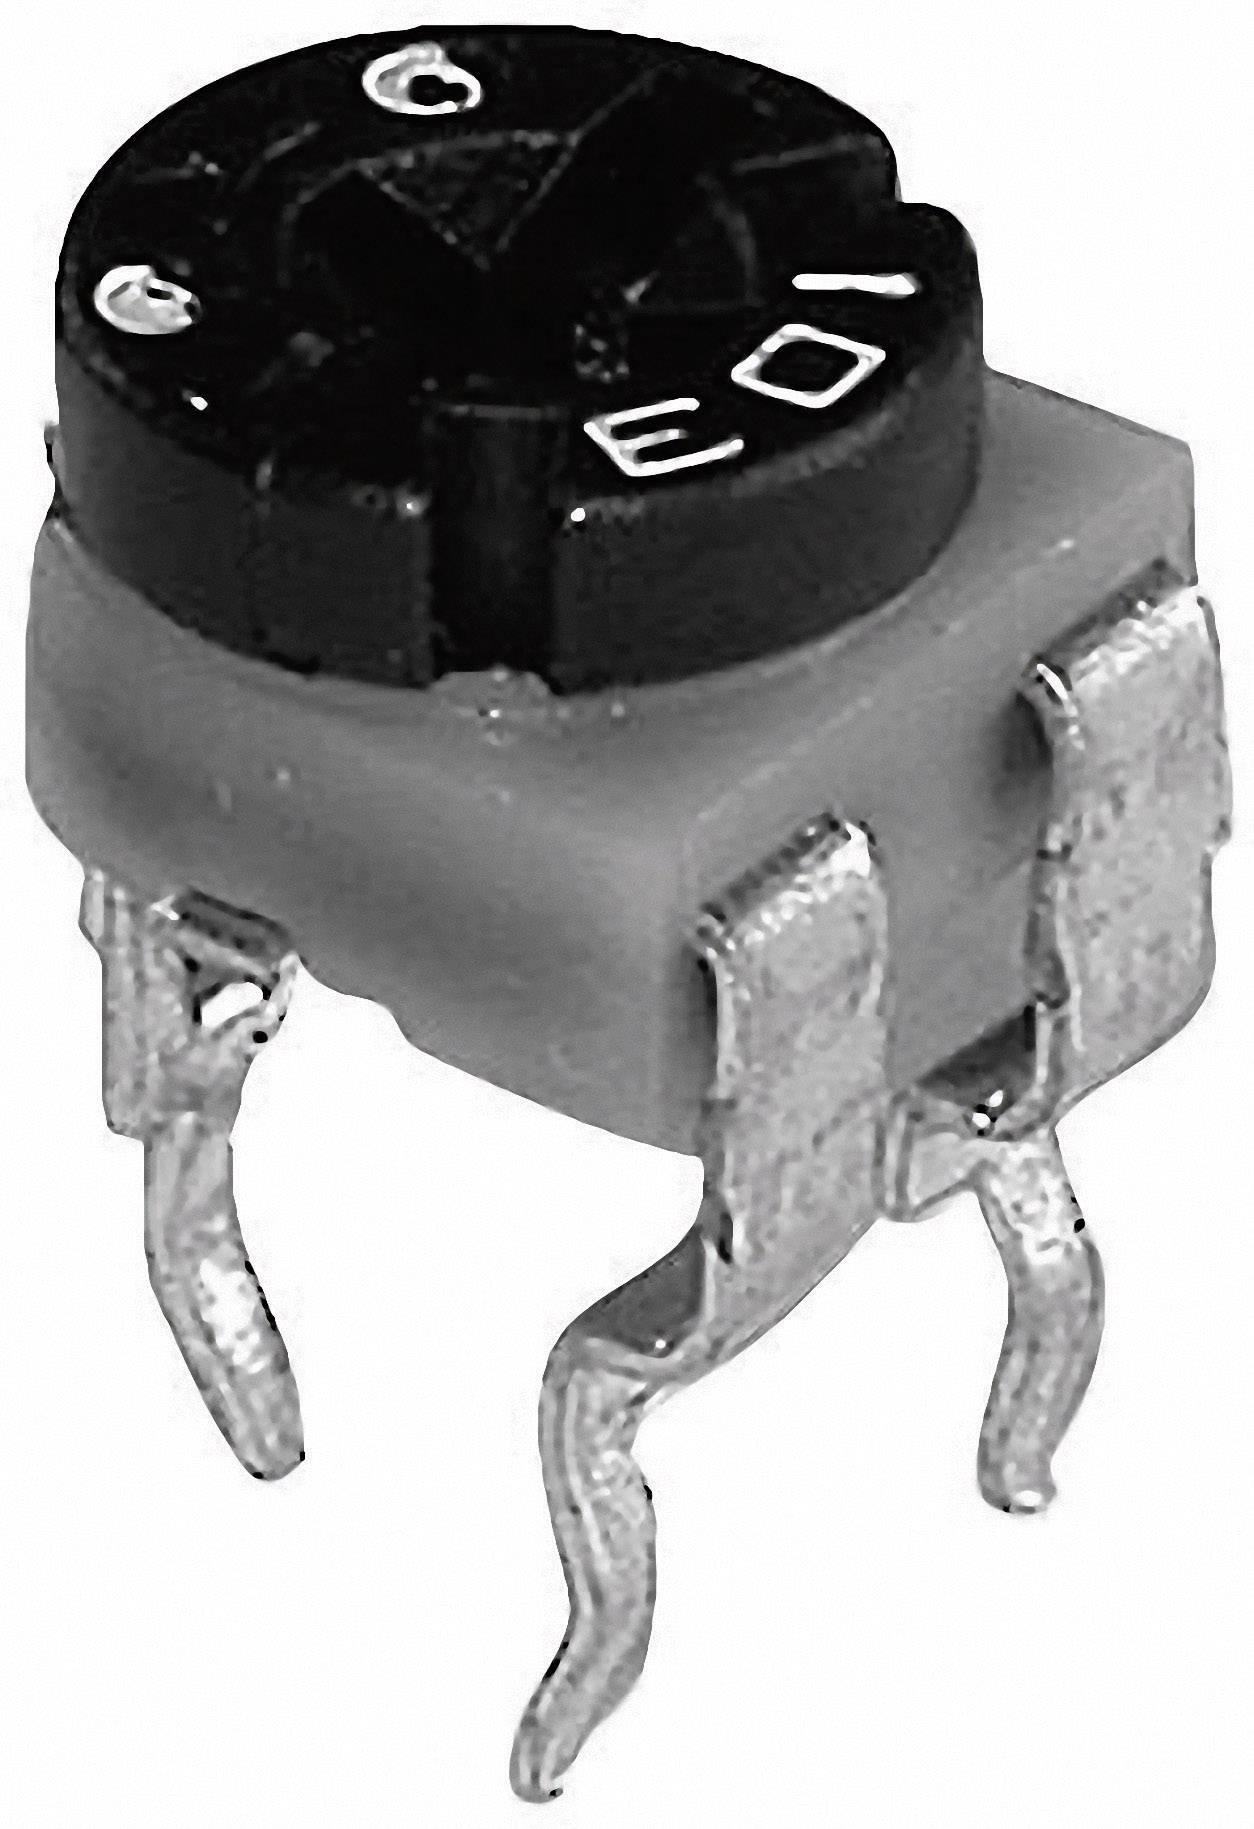 Uhlíkový trimer TT Electronics AB 601045, lineárny, 500 kOhm, 0.1 W, 1 ks